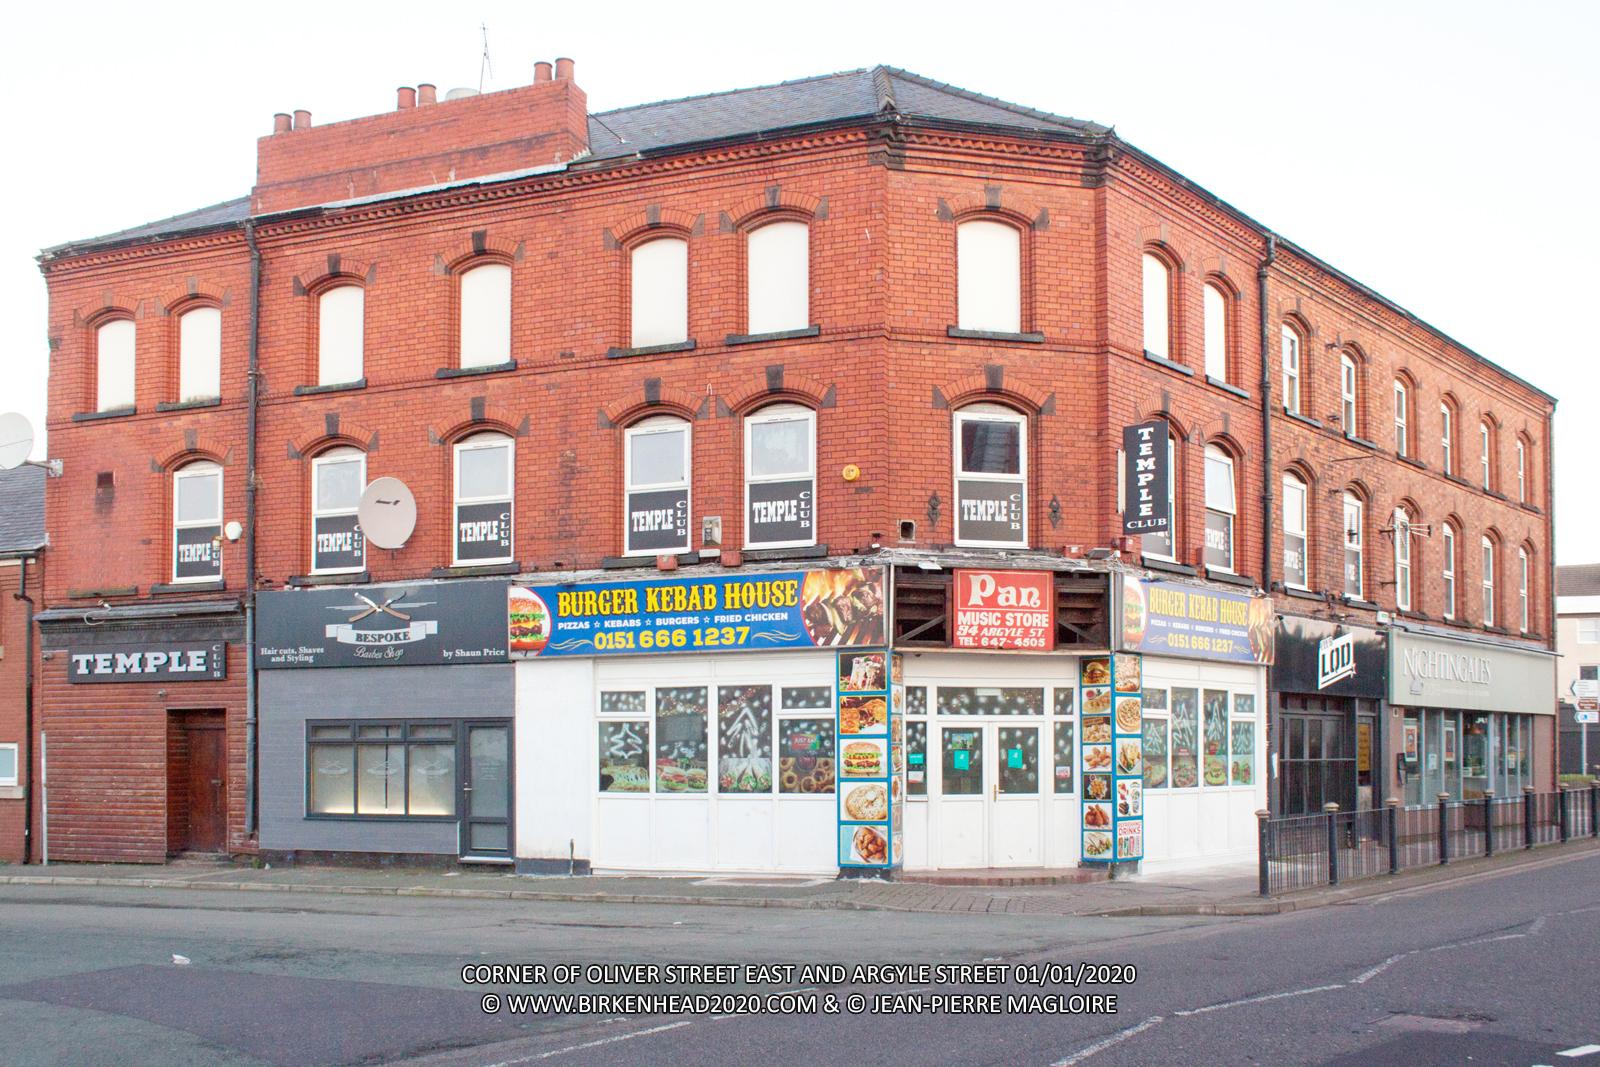 Burger Kebab House_Argyle St_Oliver St East